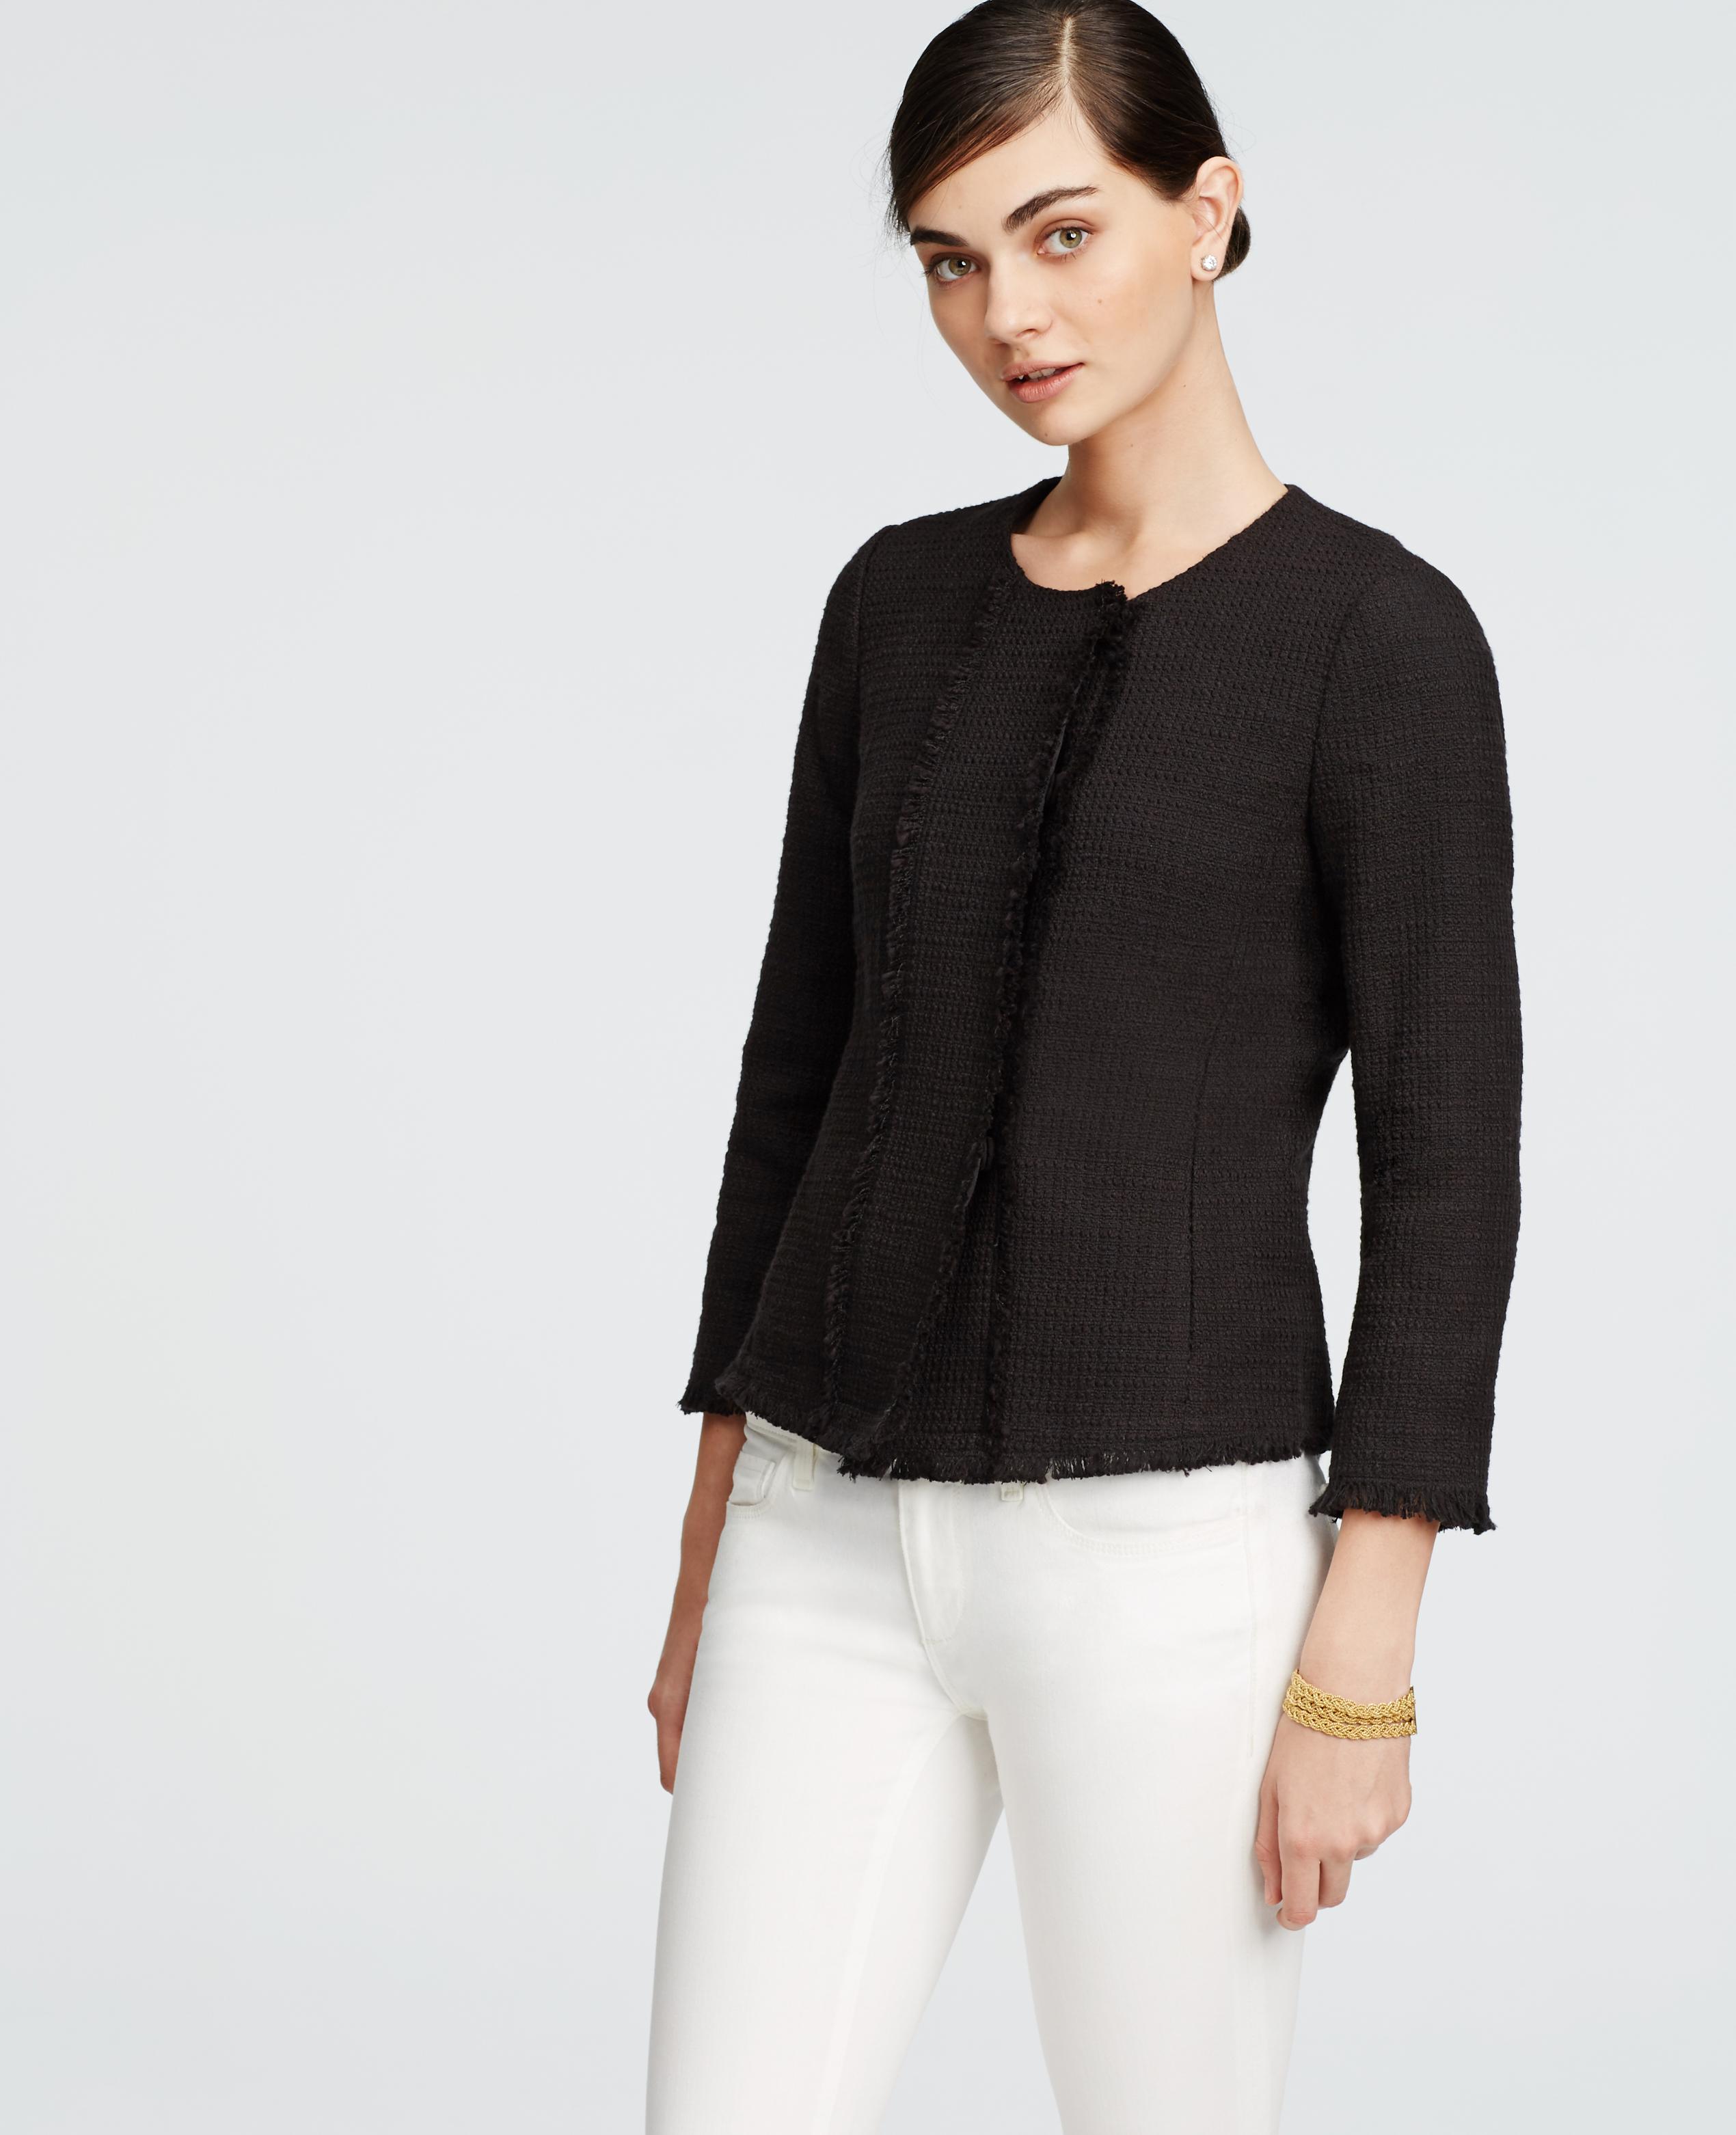 Ann taylor Petite Tweed Fringe Jacket in Black | Lyst